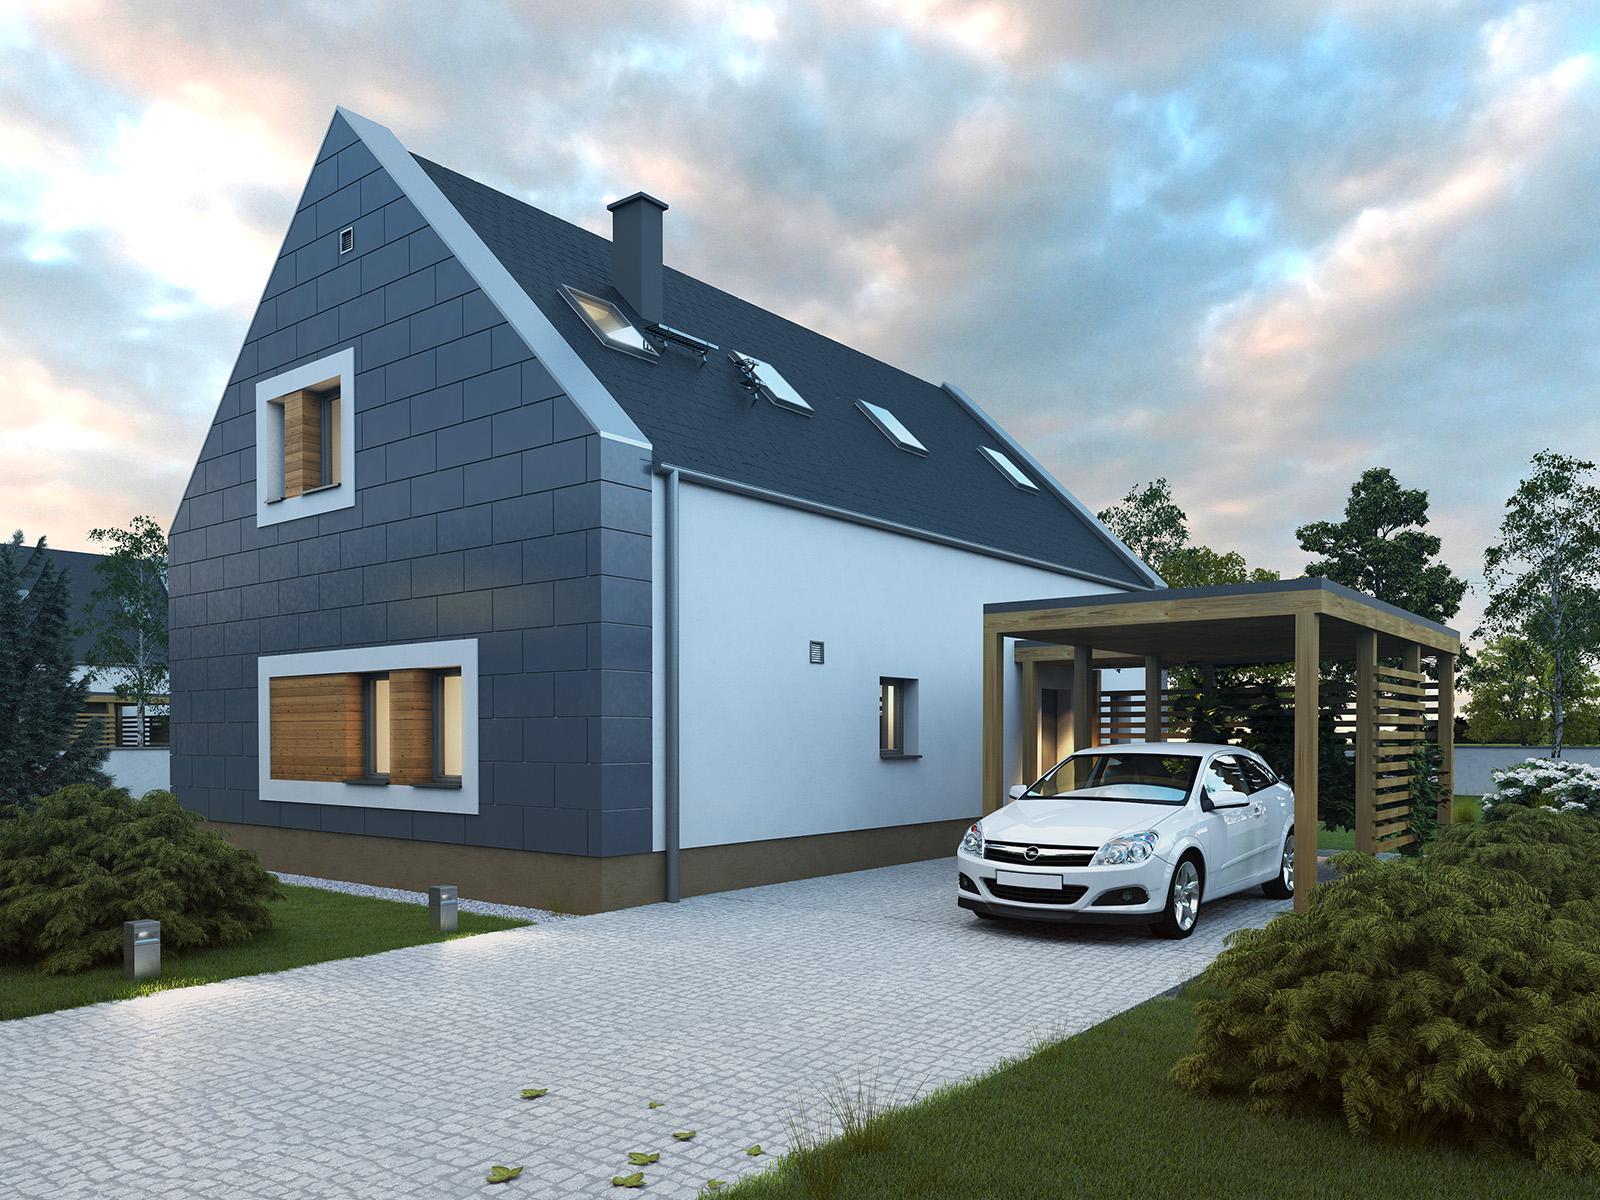 Projekt domu JAŚMINOWY Domy Czystej Energii widok od frontu i z boku